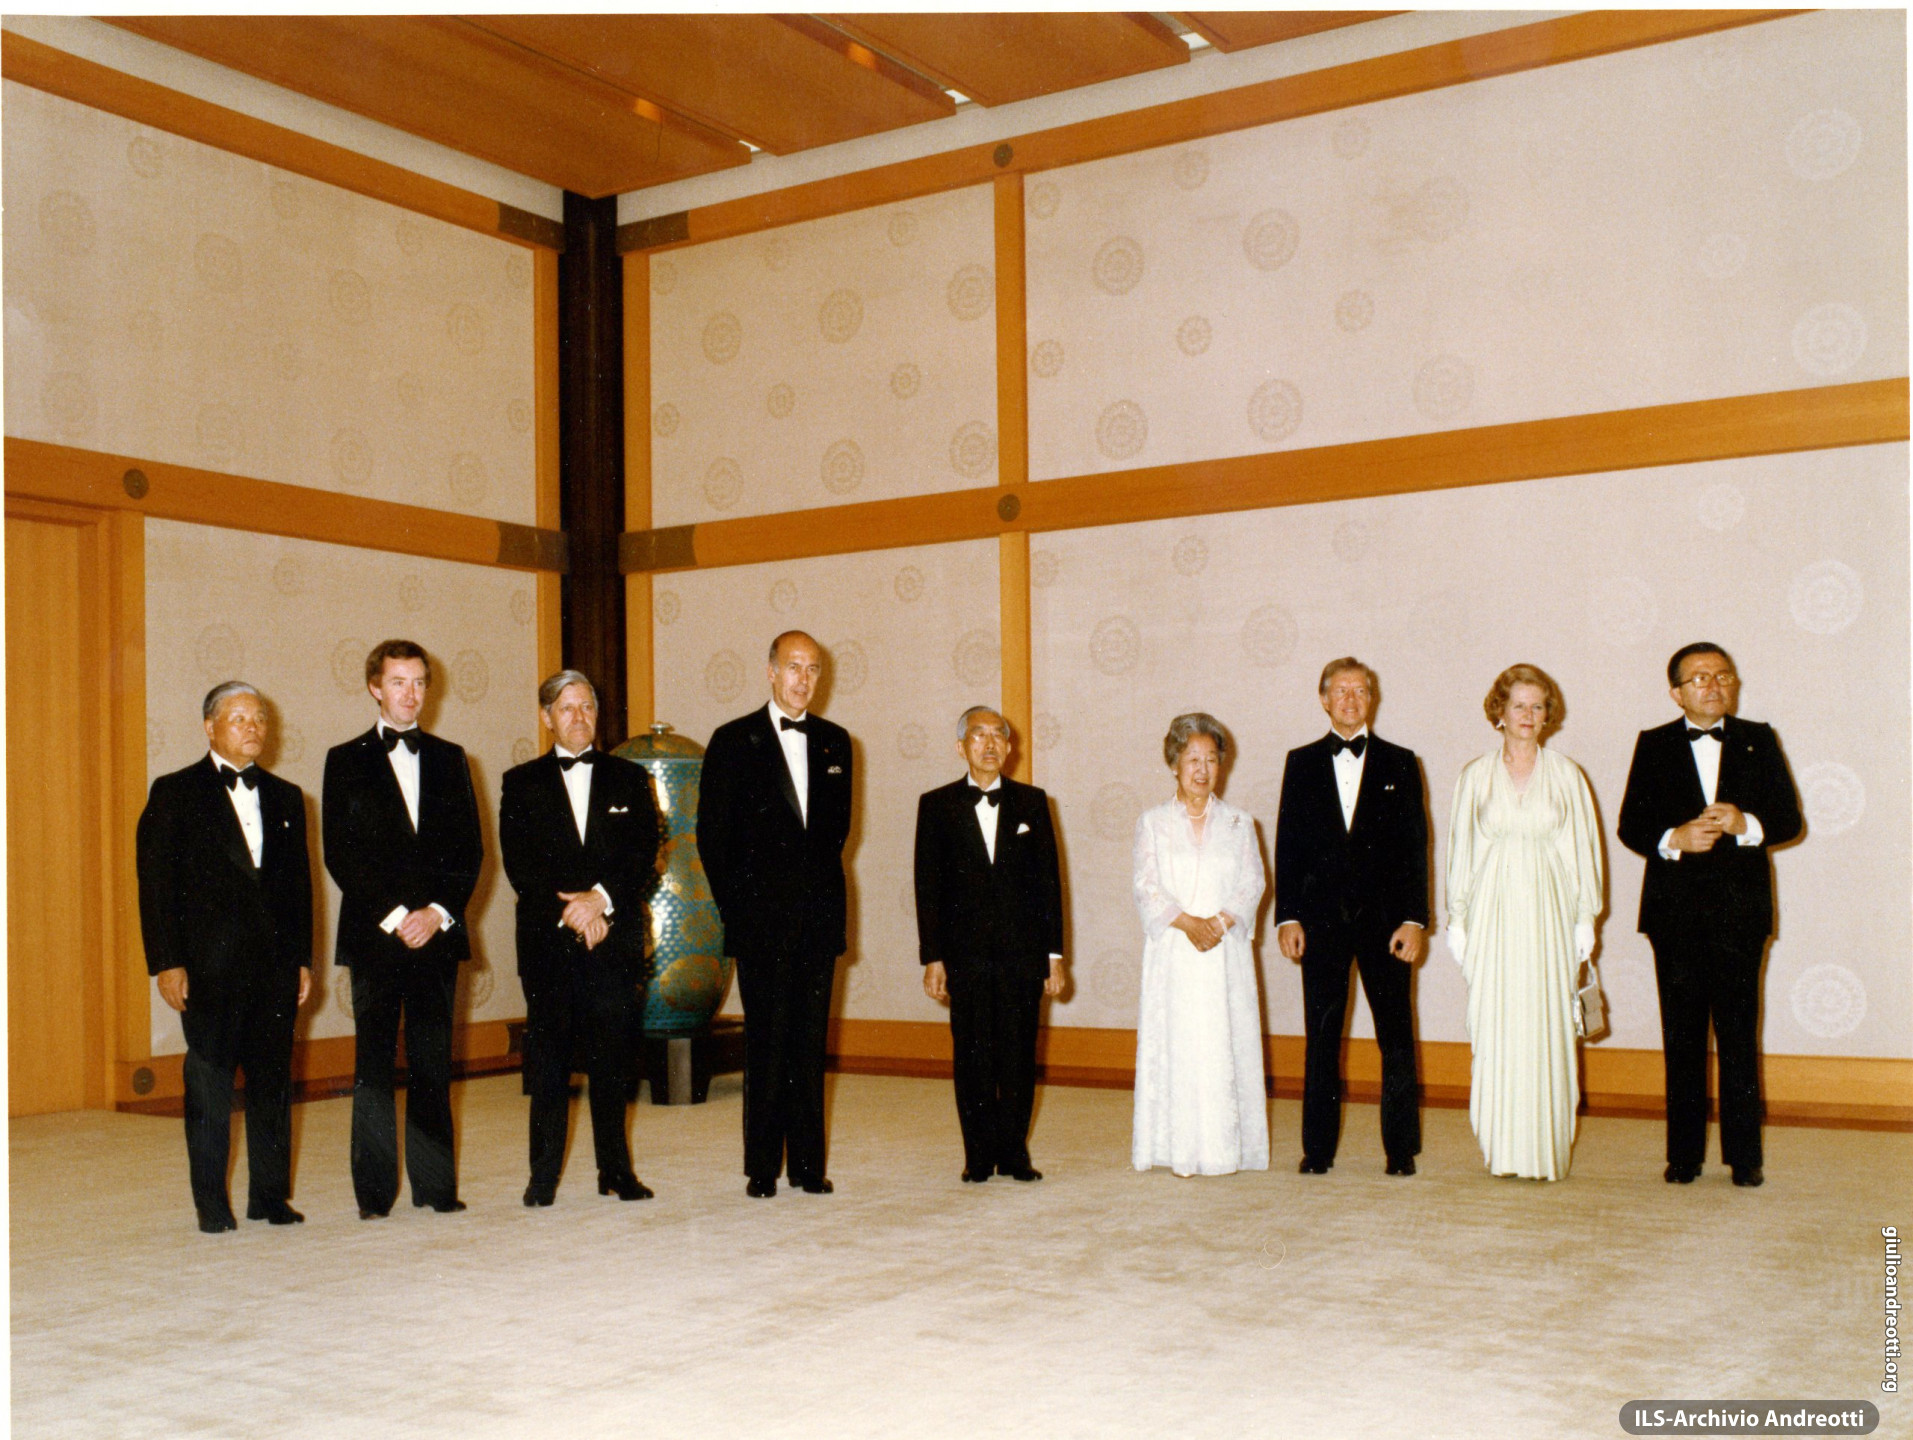 G7 a Tokyo il 28-29 giugno 1979. Da sinistra: il primo ministro giapponese Takeo Fukuda, il primo ministro canadese Joe Clark, il cancelliere tedesco Helmut Schmidt. Il presidente francese Valery Giscard d'Estaing, gli imperatori del Giappone Hirohito e Teimei, il presidente americano Jimmy Carter, il primo ministro britannico Margaret Thatcher e Giulio Andreotti.